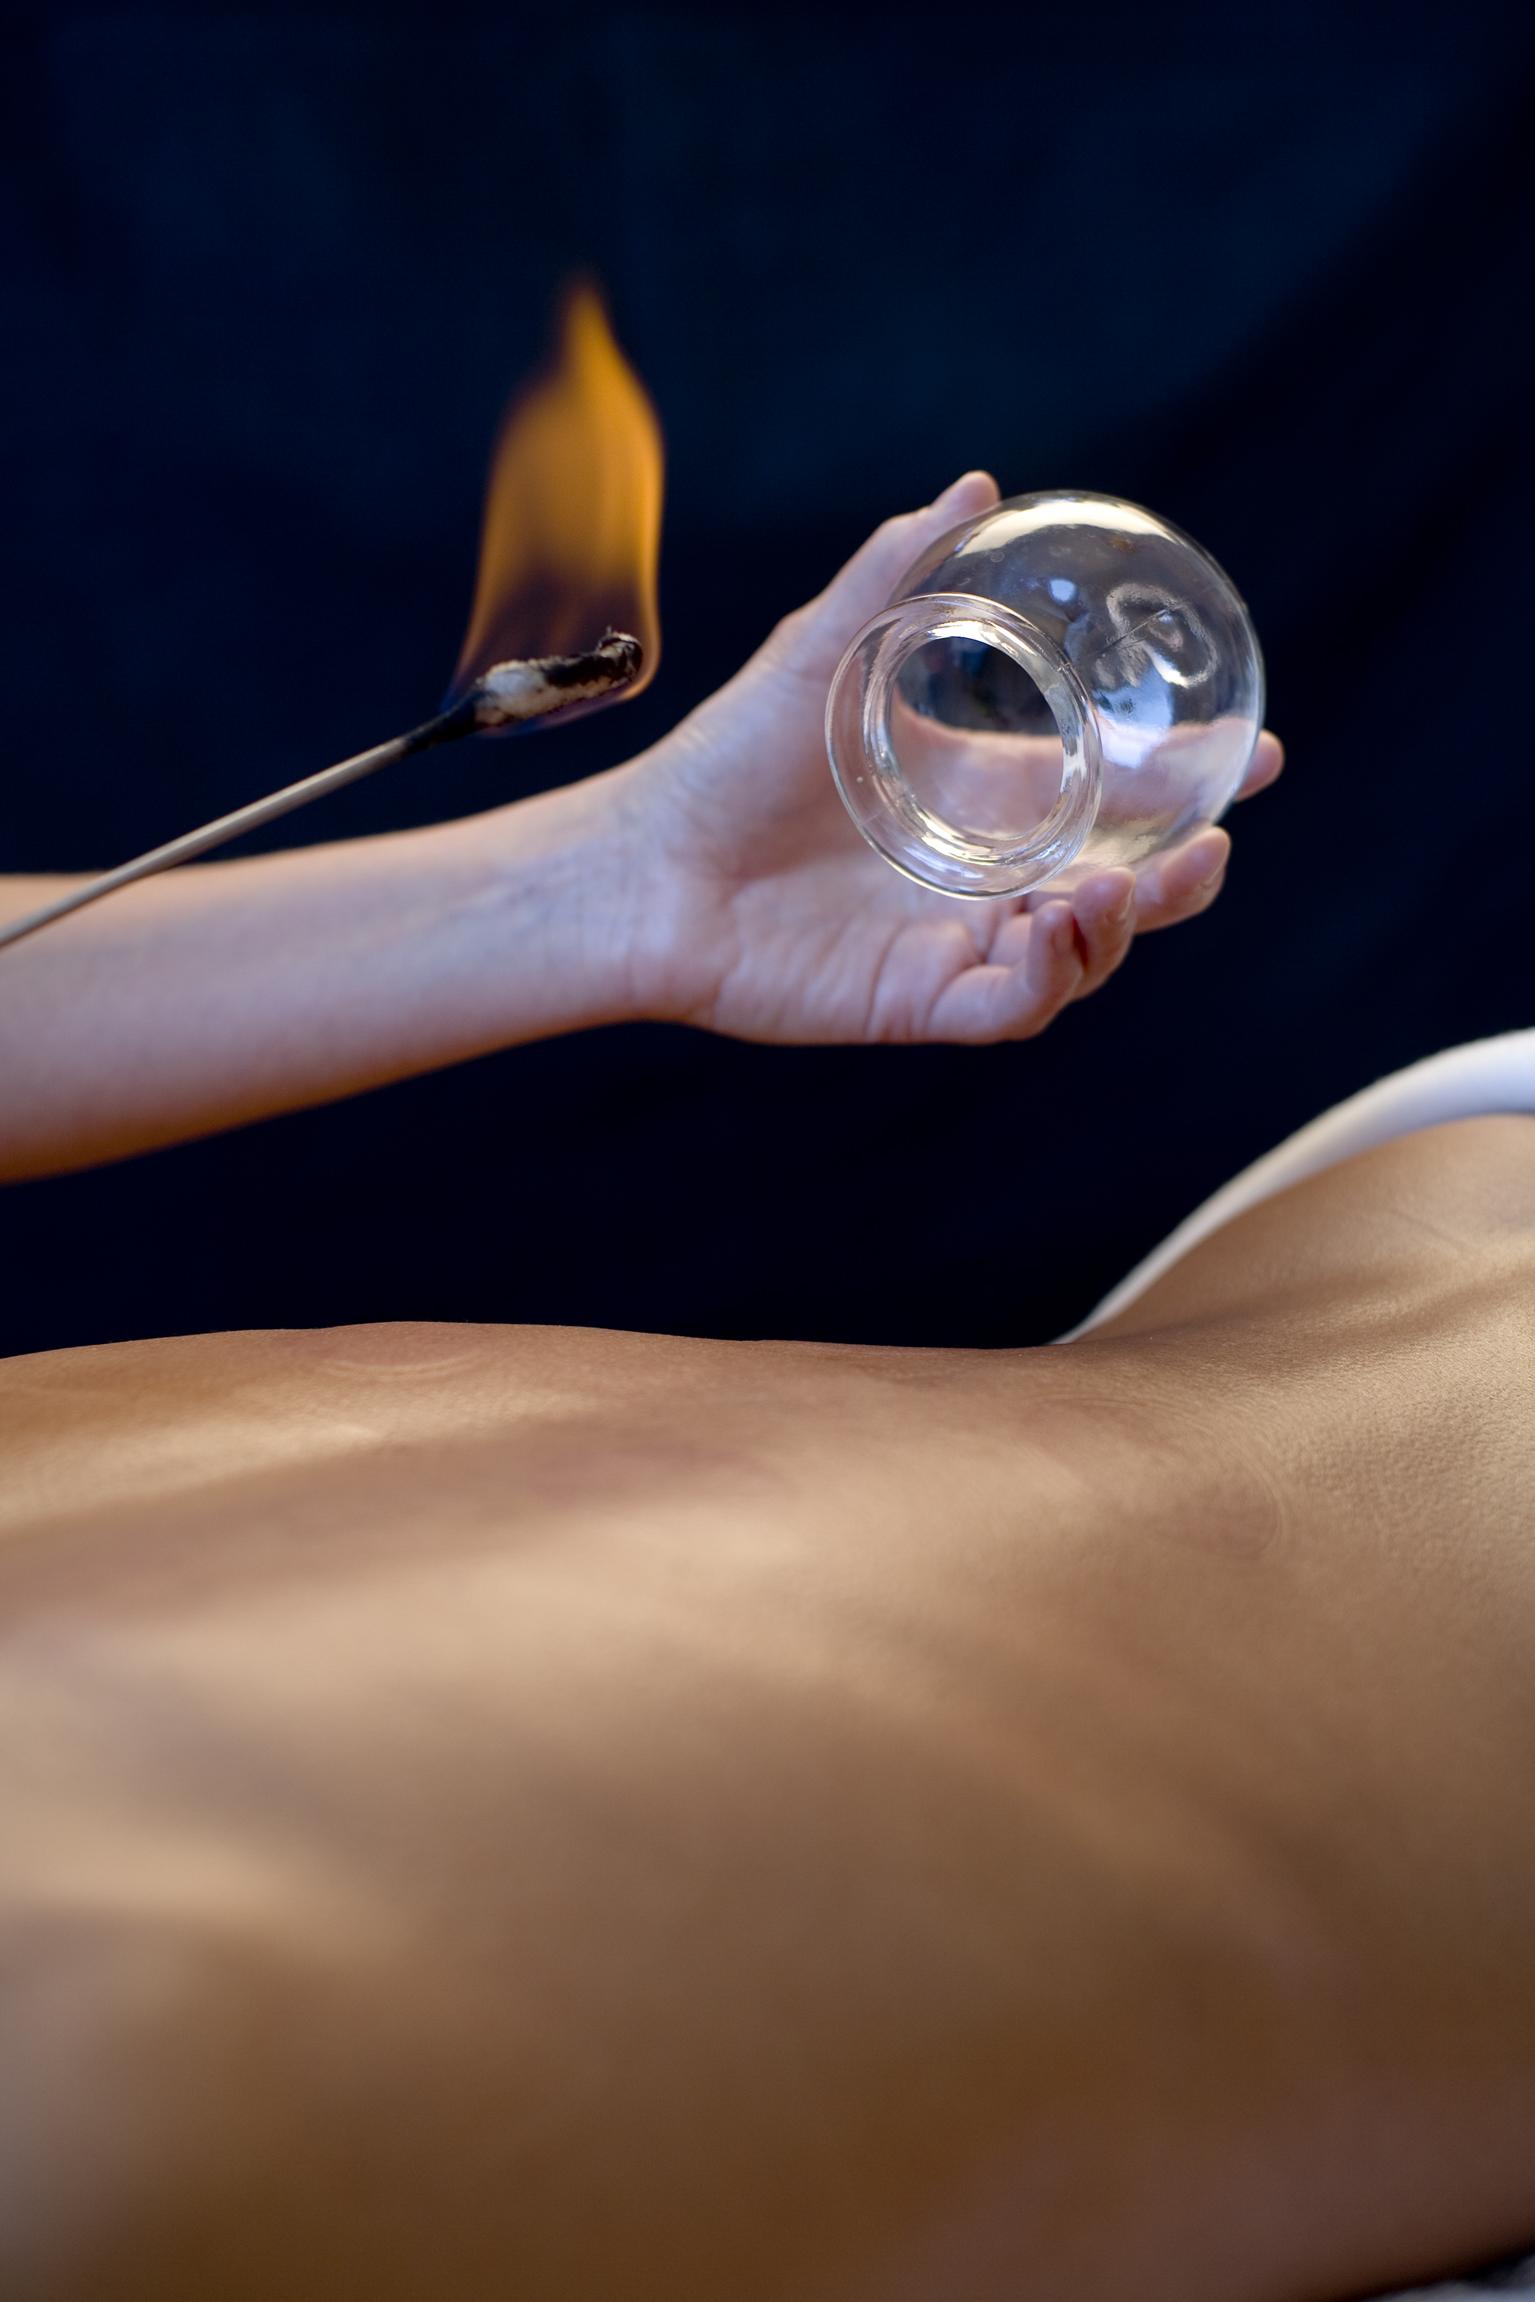 Akupunktur: Bewährt seit Jahrtausenden